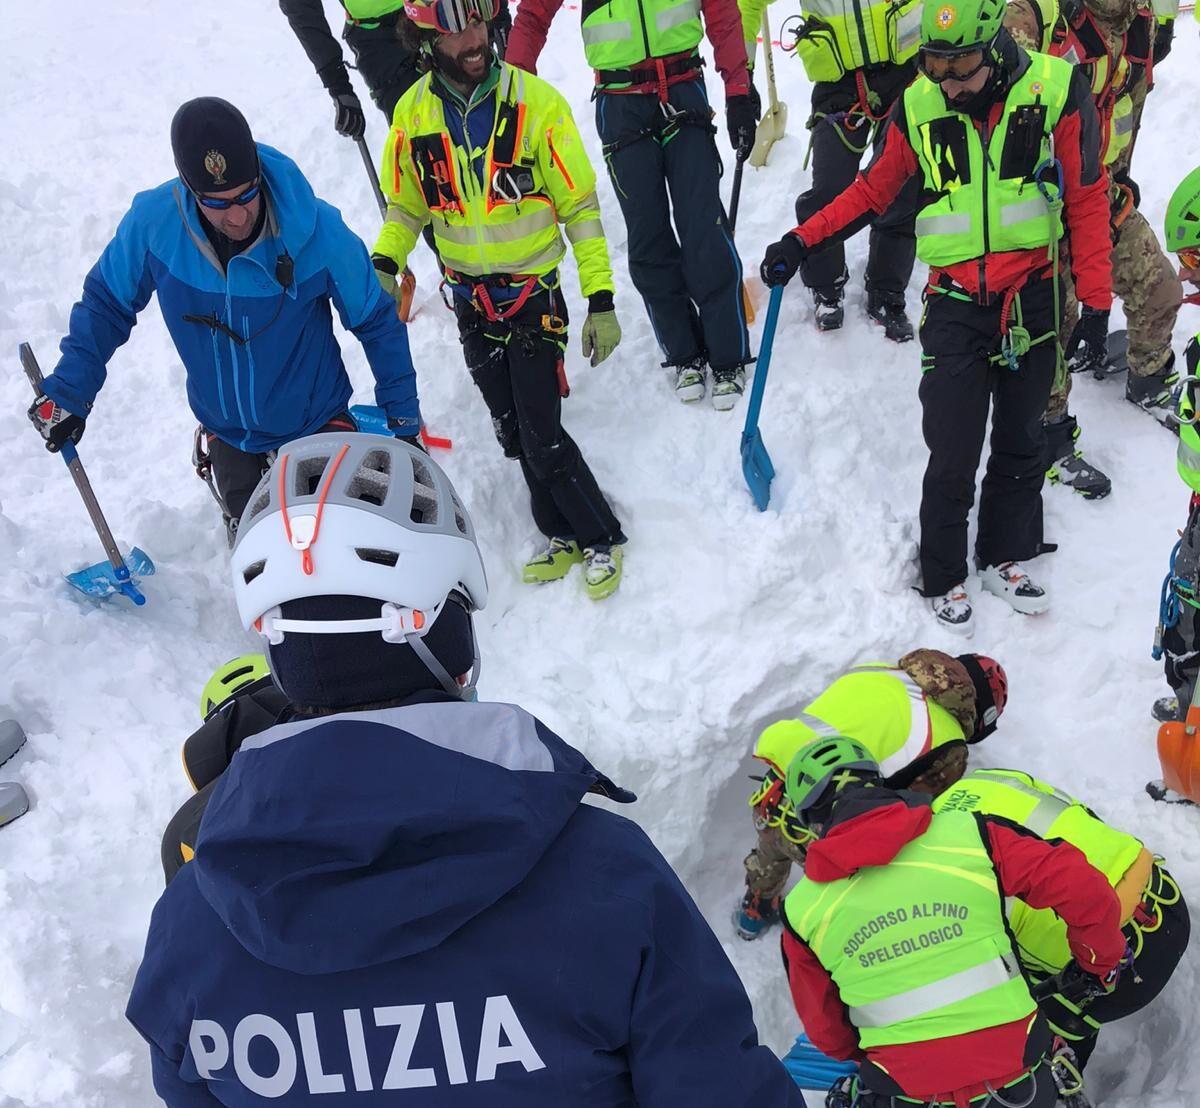 L'Amministrazione Provinciale partecipa al dolore per la perdita degli escursionisti sul Monte Velino